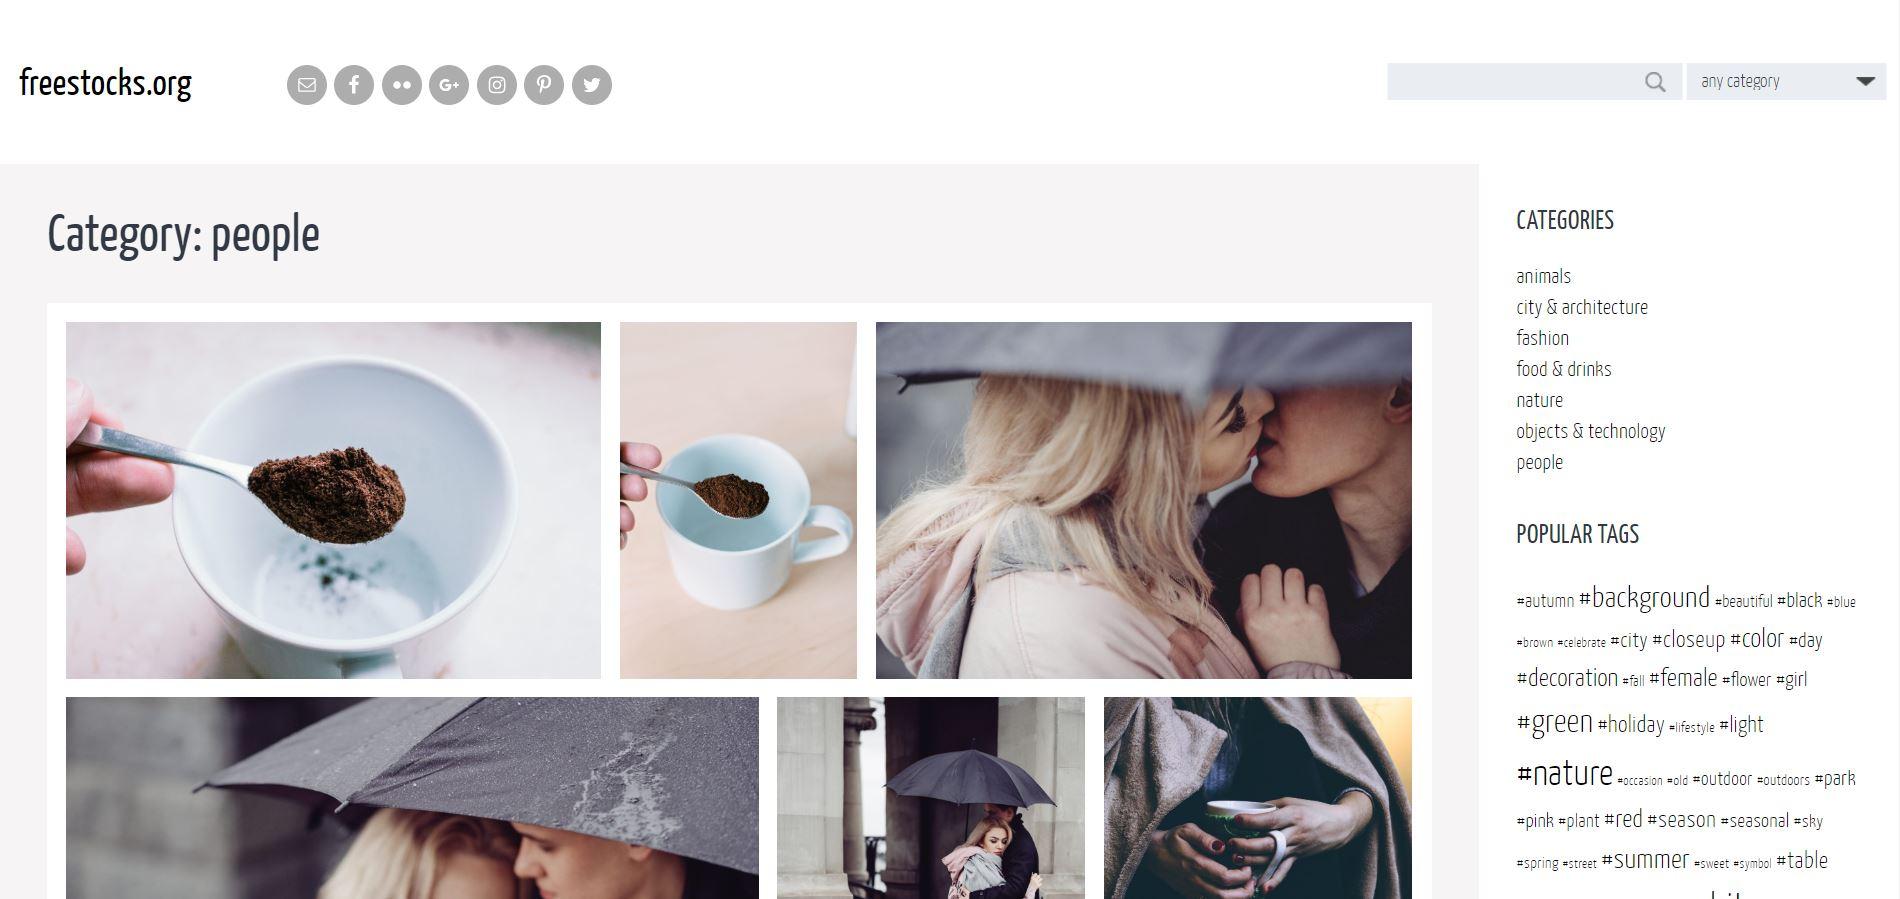 70 Bancos de Imagens Grátis Sites de Fotos Gratuitas 5